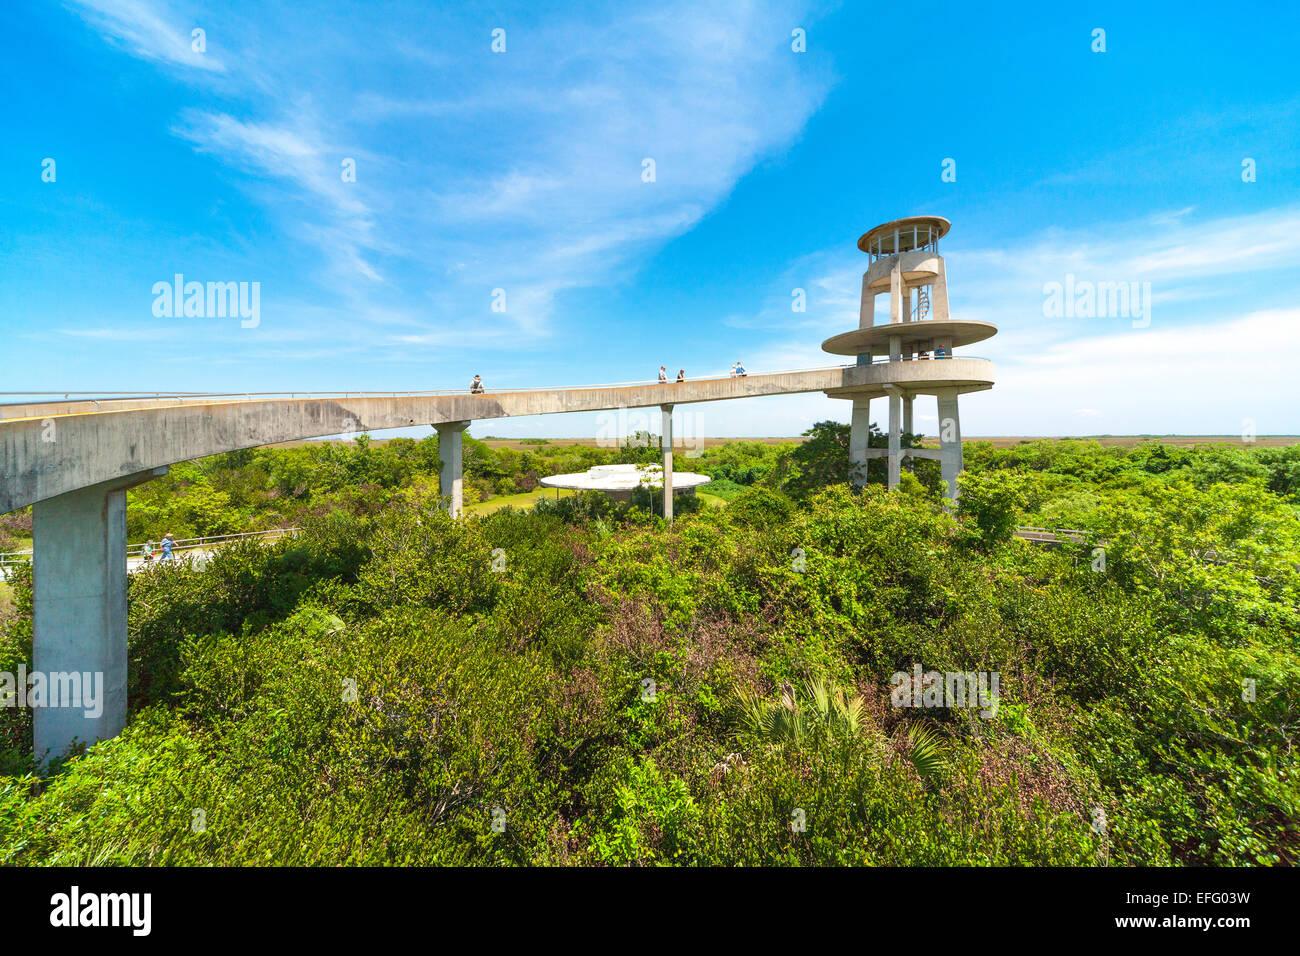 https://c7.alamy.com/comp/EFG03W/shark-valley-everglades-visitors-observation-tower-everglades-national-EFG03W.jpg